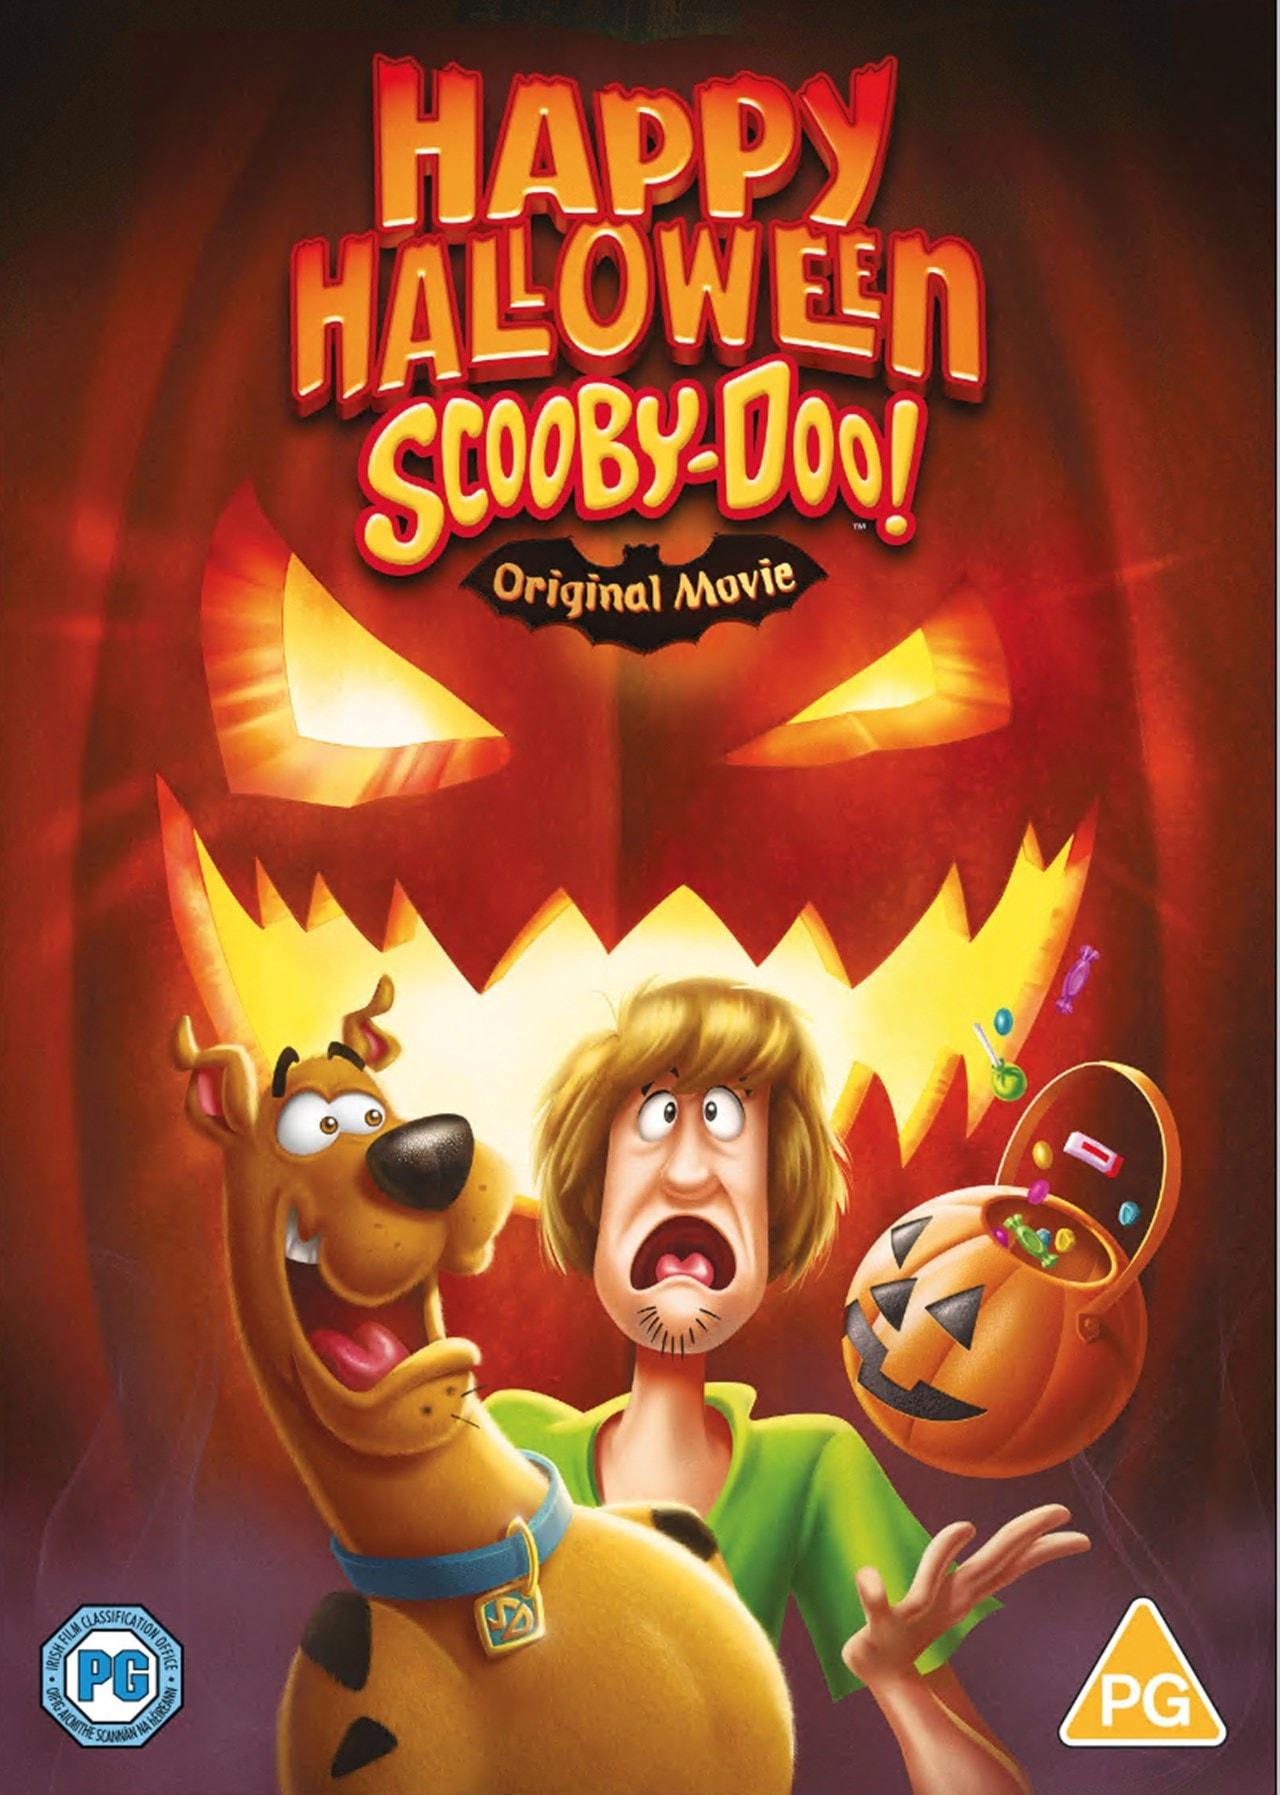 Scooby-Doo: Happy Halloween, Scooby-Doo! - 1